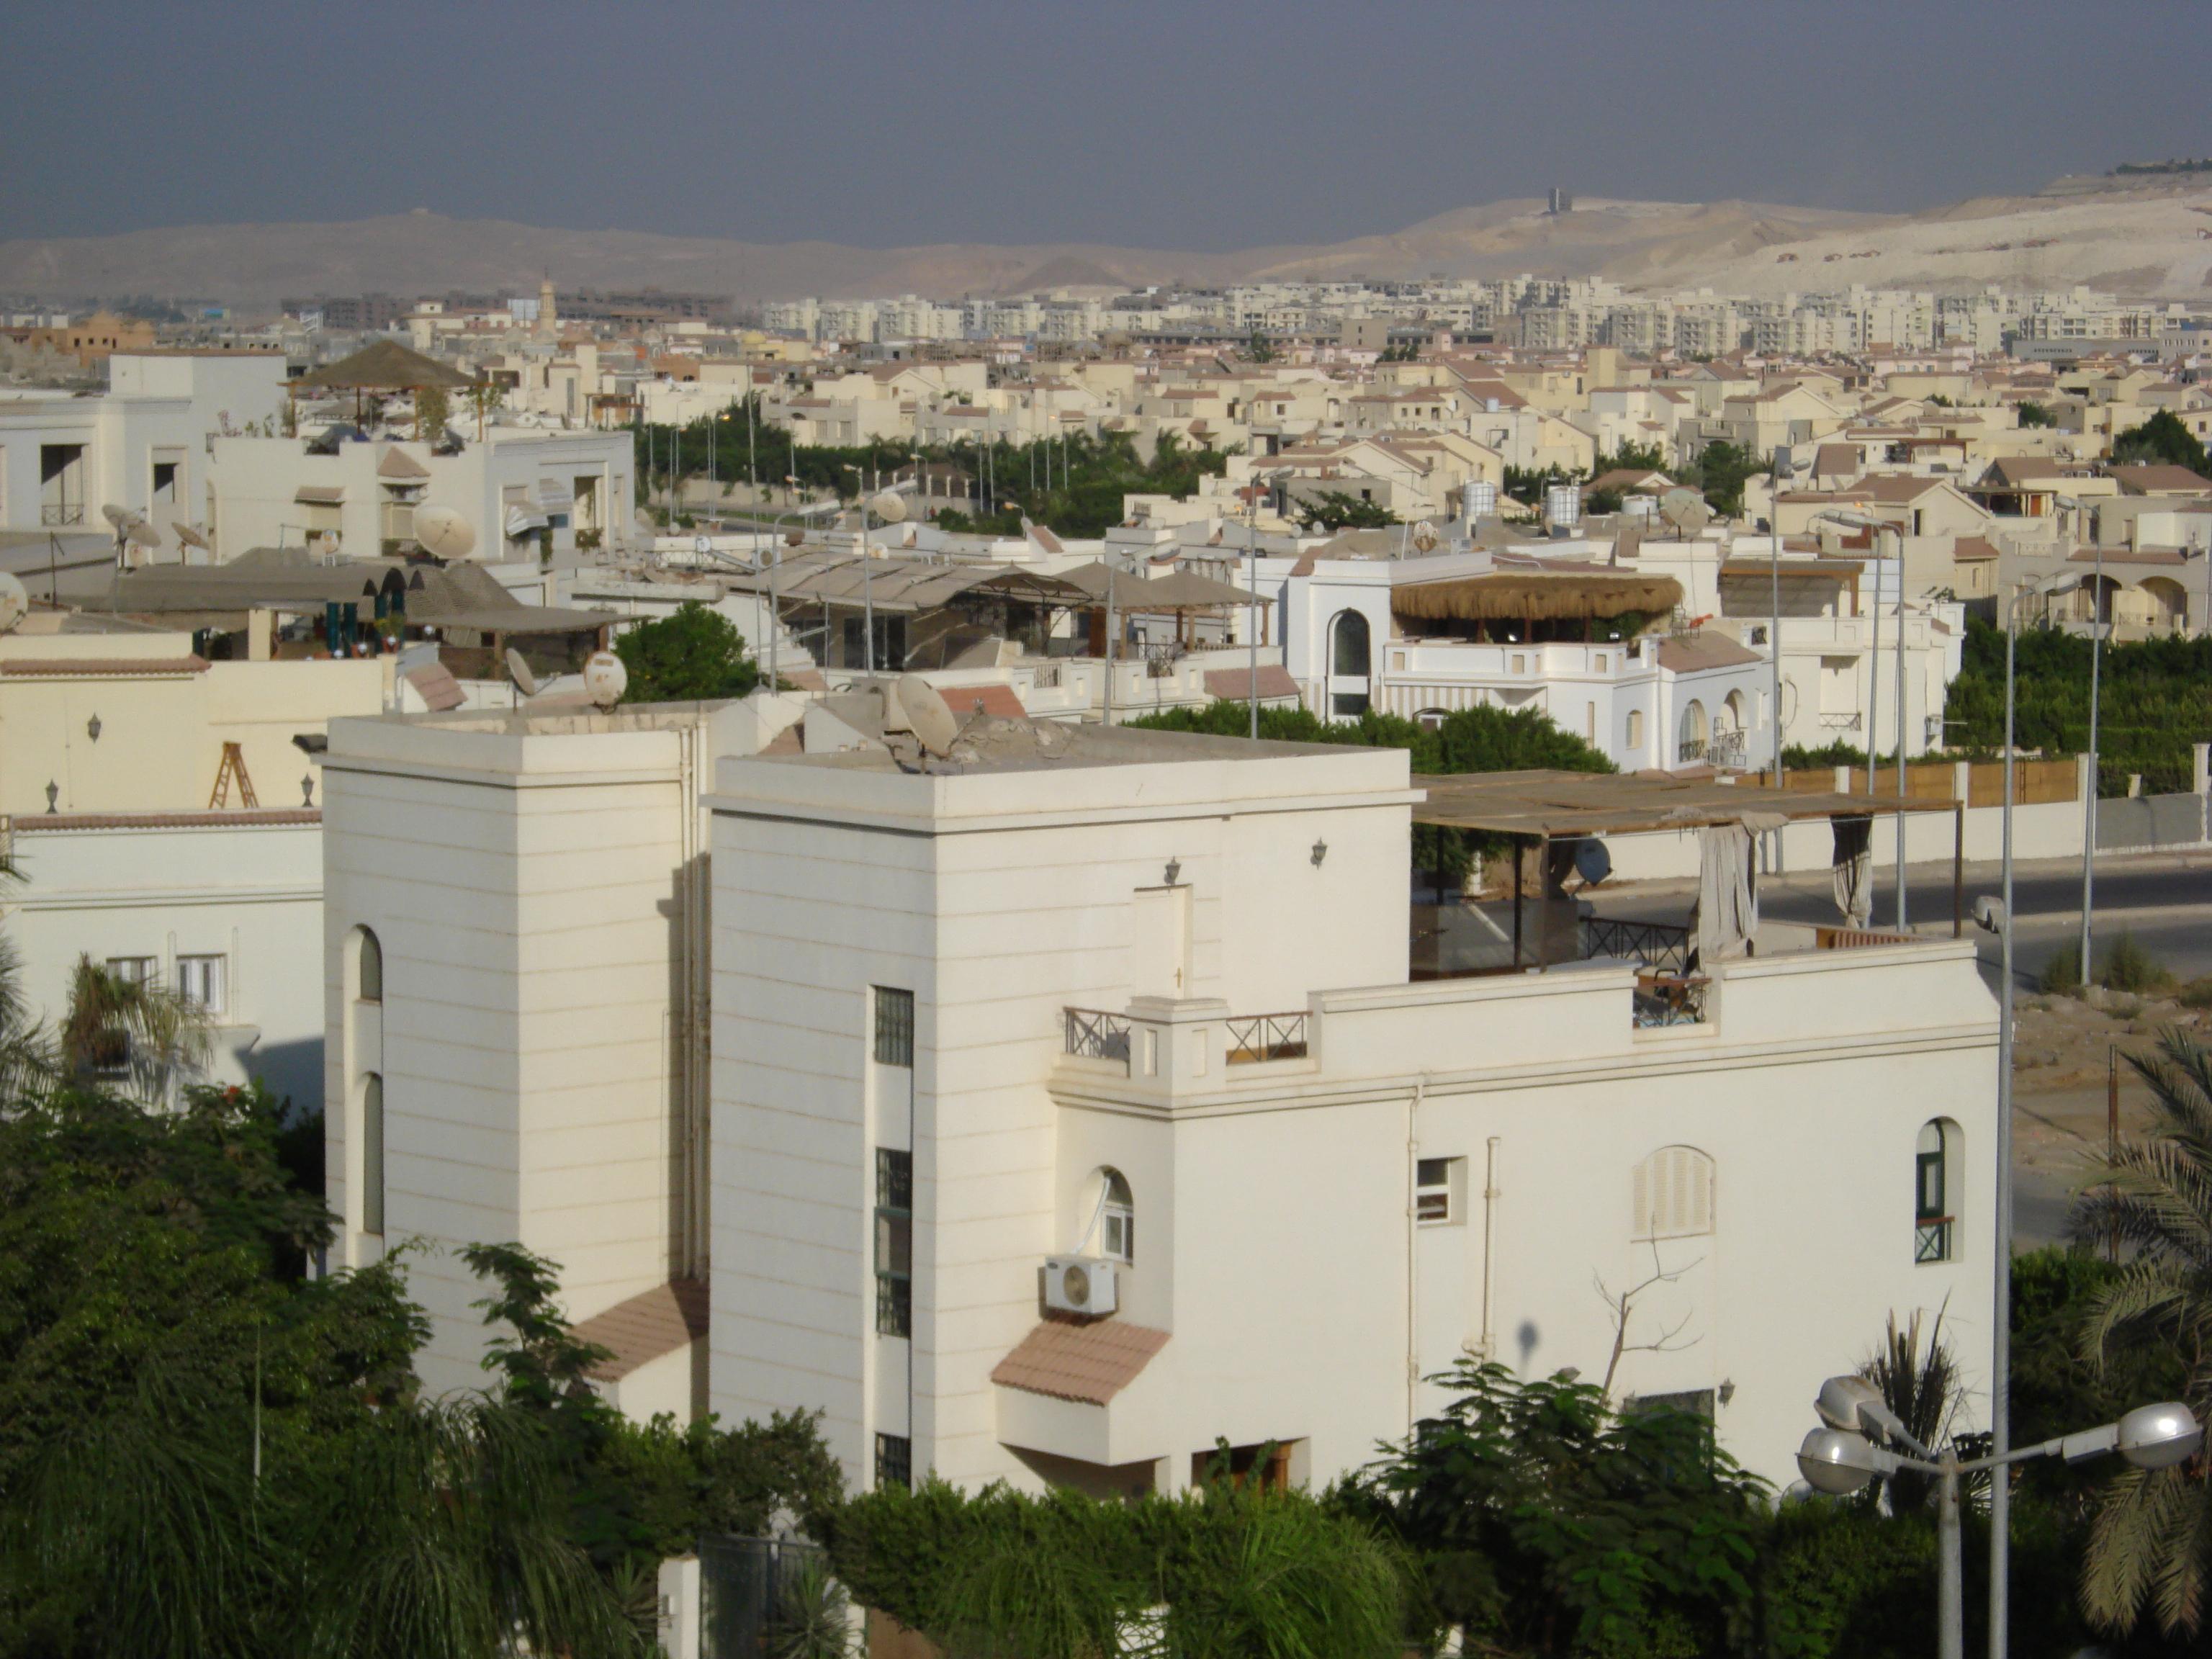 مدينة الشيخ زايد ويكيبيديا